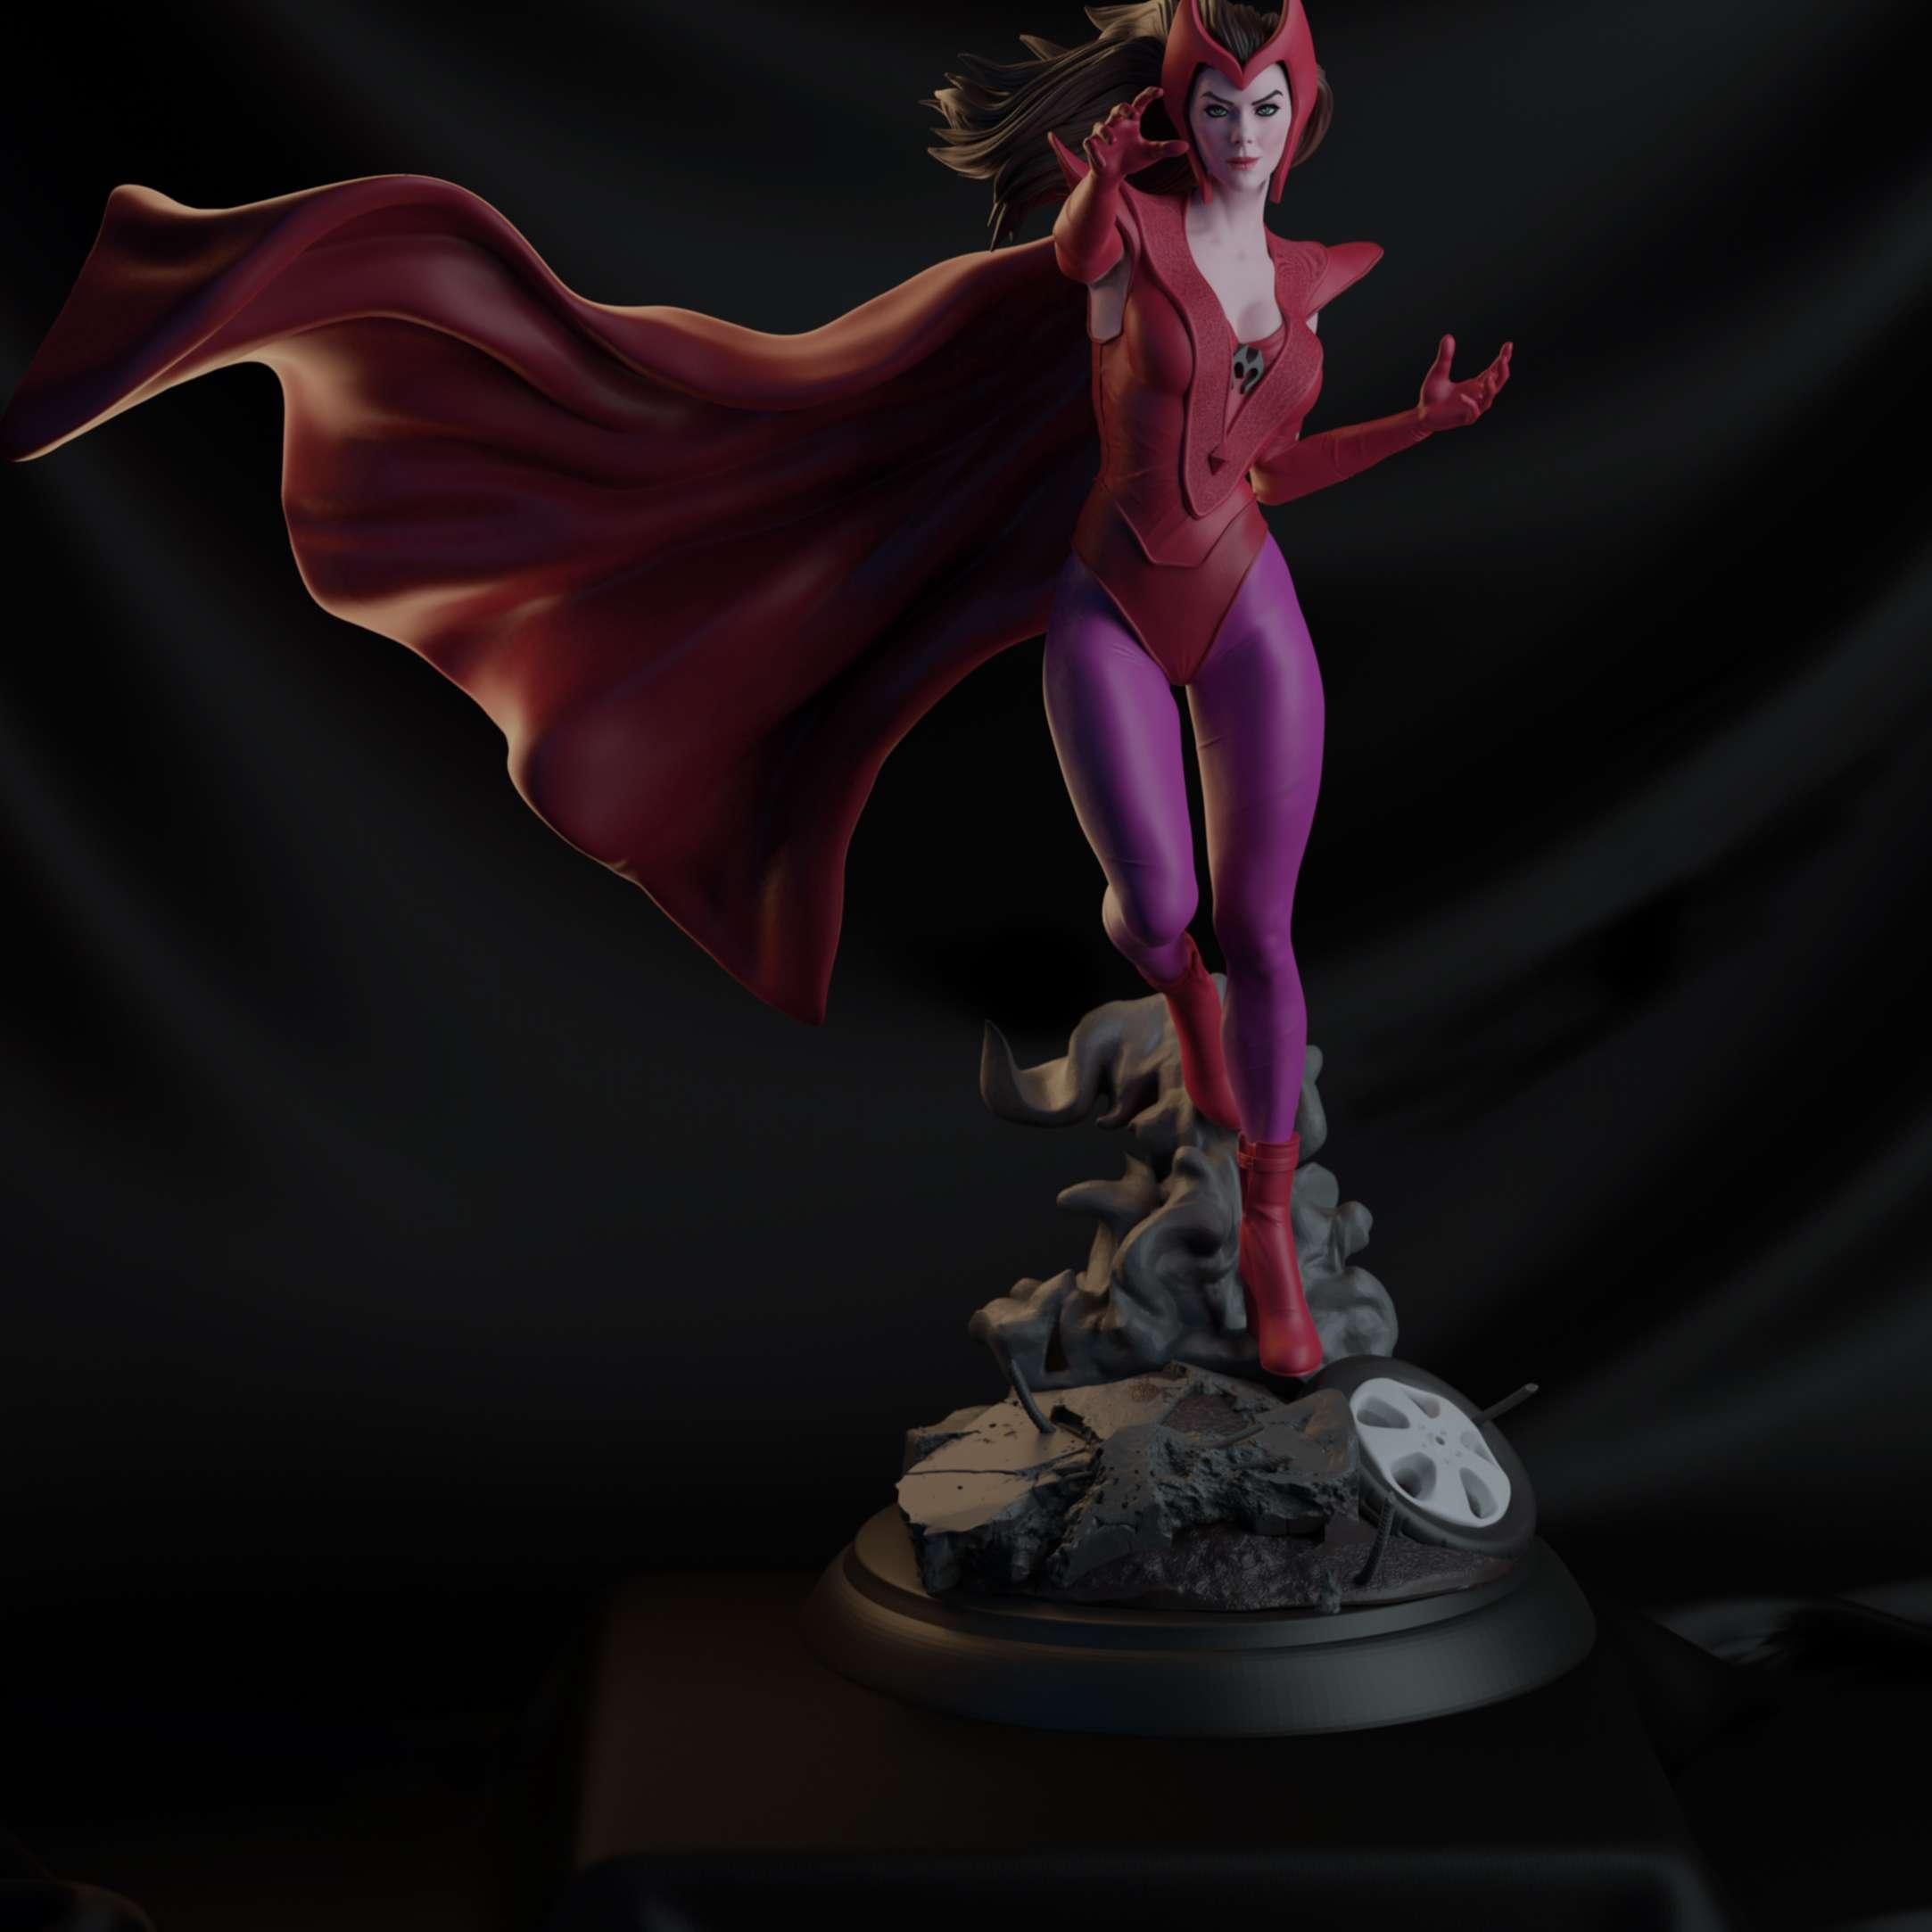 Fanart Scarlet Witch - This is my new project focused on 3D printing, it follows a different concept in uniform - Os melhores arquivos para impressão 3D do mundo. Modelos stl divididos em partes para facilitar a impressão 3D. Todos os tipos de personagens, decoração, cosplay, próteses, peças. Qualidade na impressão 3D. Modelos 3D com preço acessível. Baixo custo. Compras coletivas de arquivos 3D.